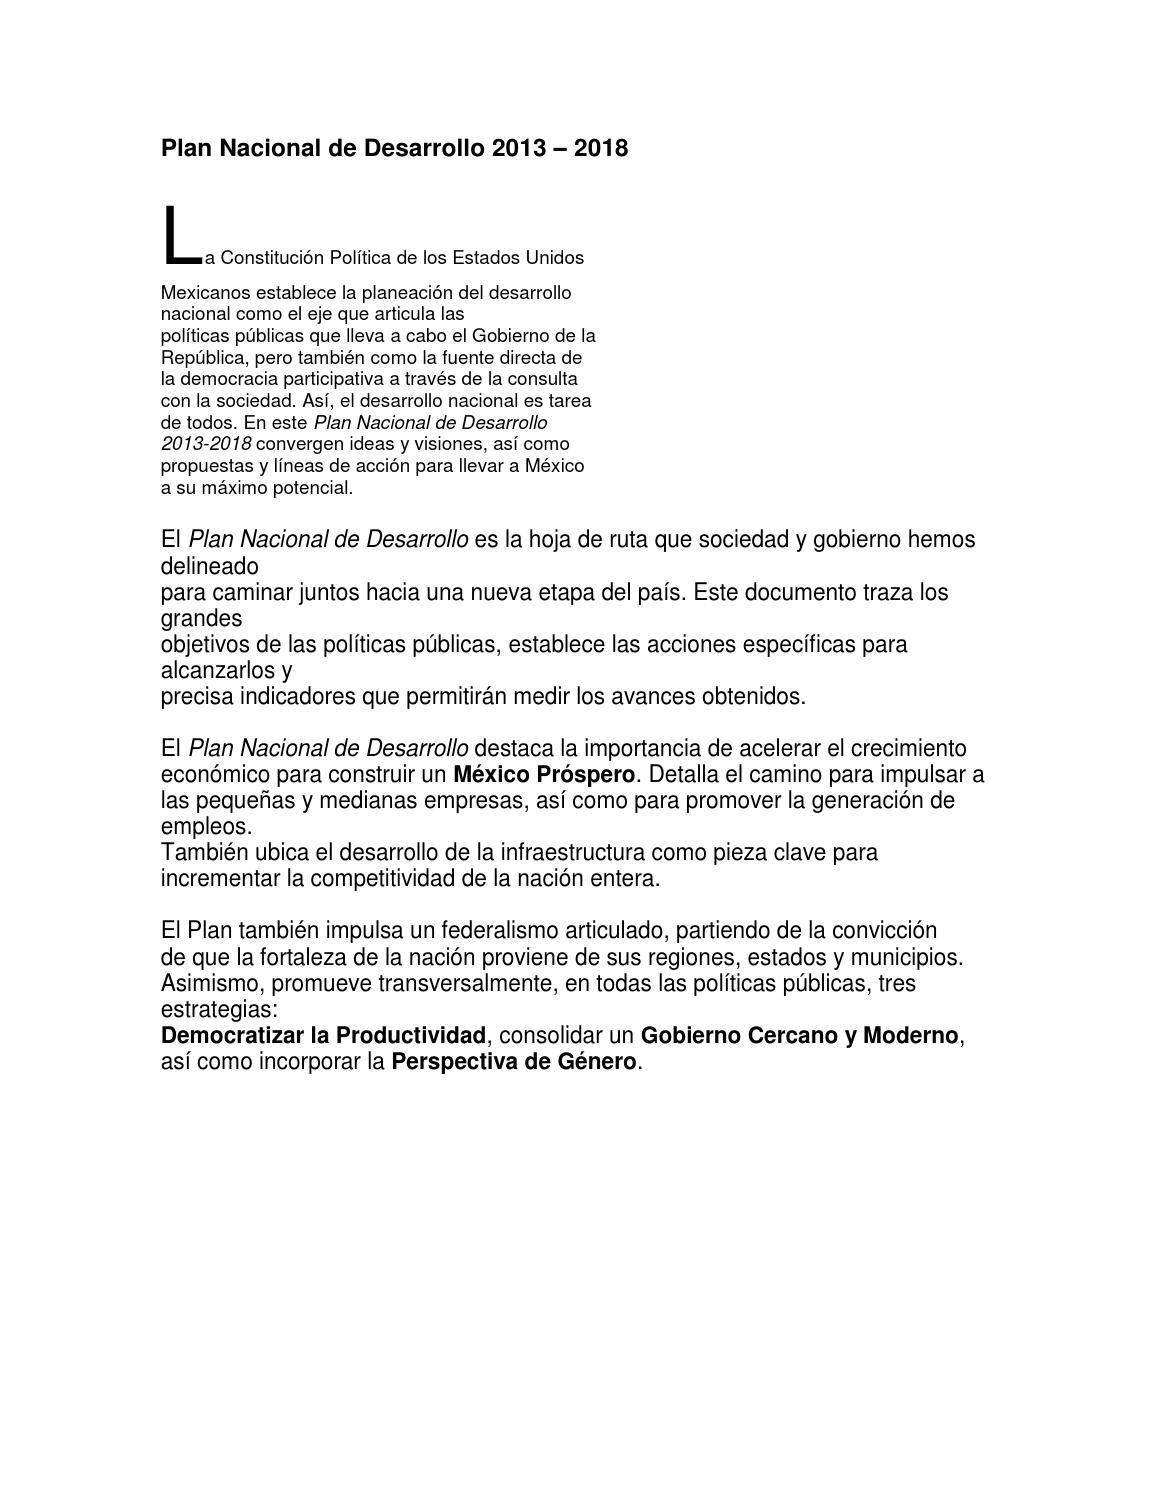 Plan nacional de desarrollo 2013 2018 eje iv méxico próspero by ...